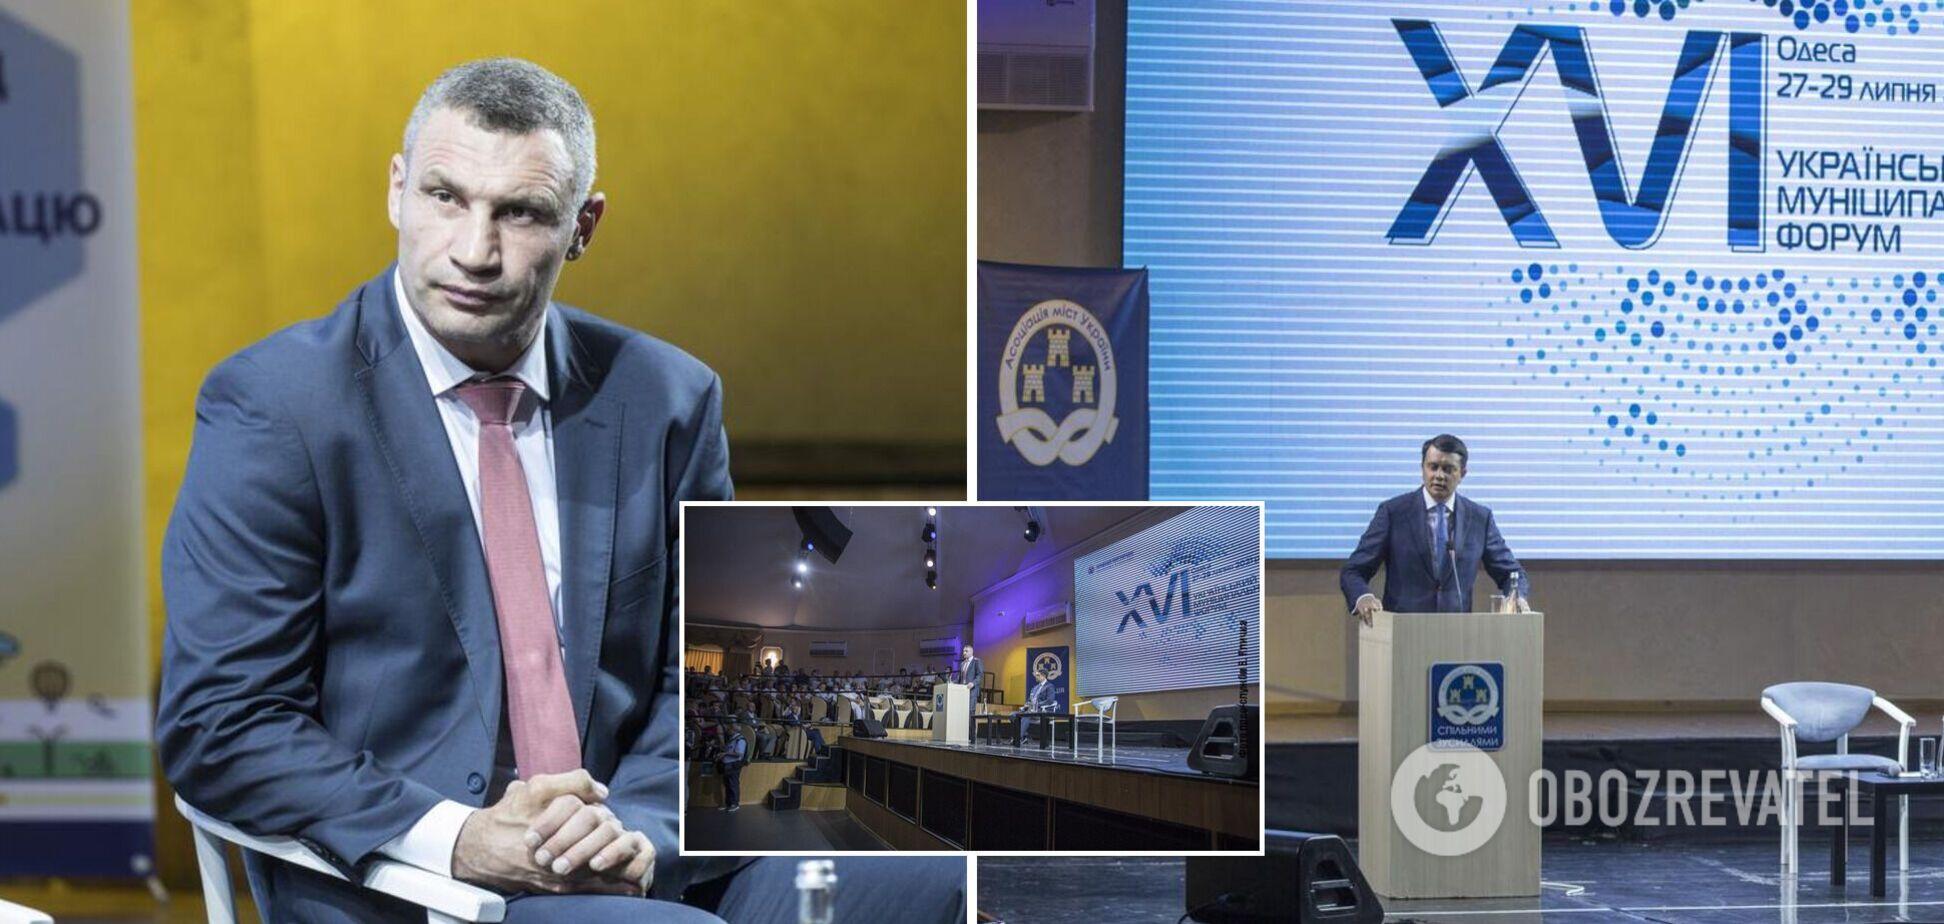 Кличко выступил на Дне диалога Украинского муниципального форума и назвал цель мероприятия. Фото